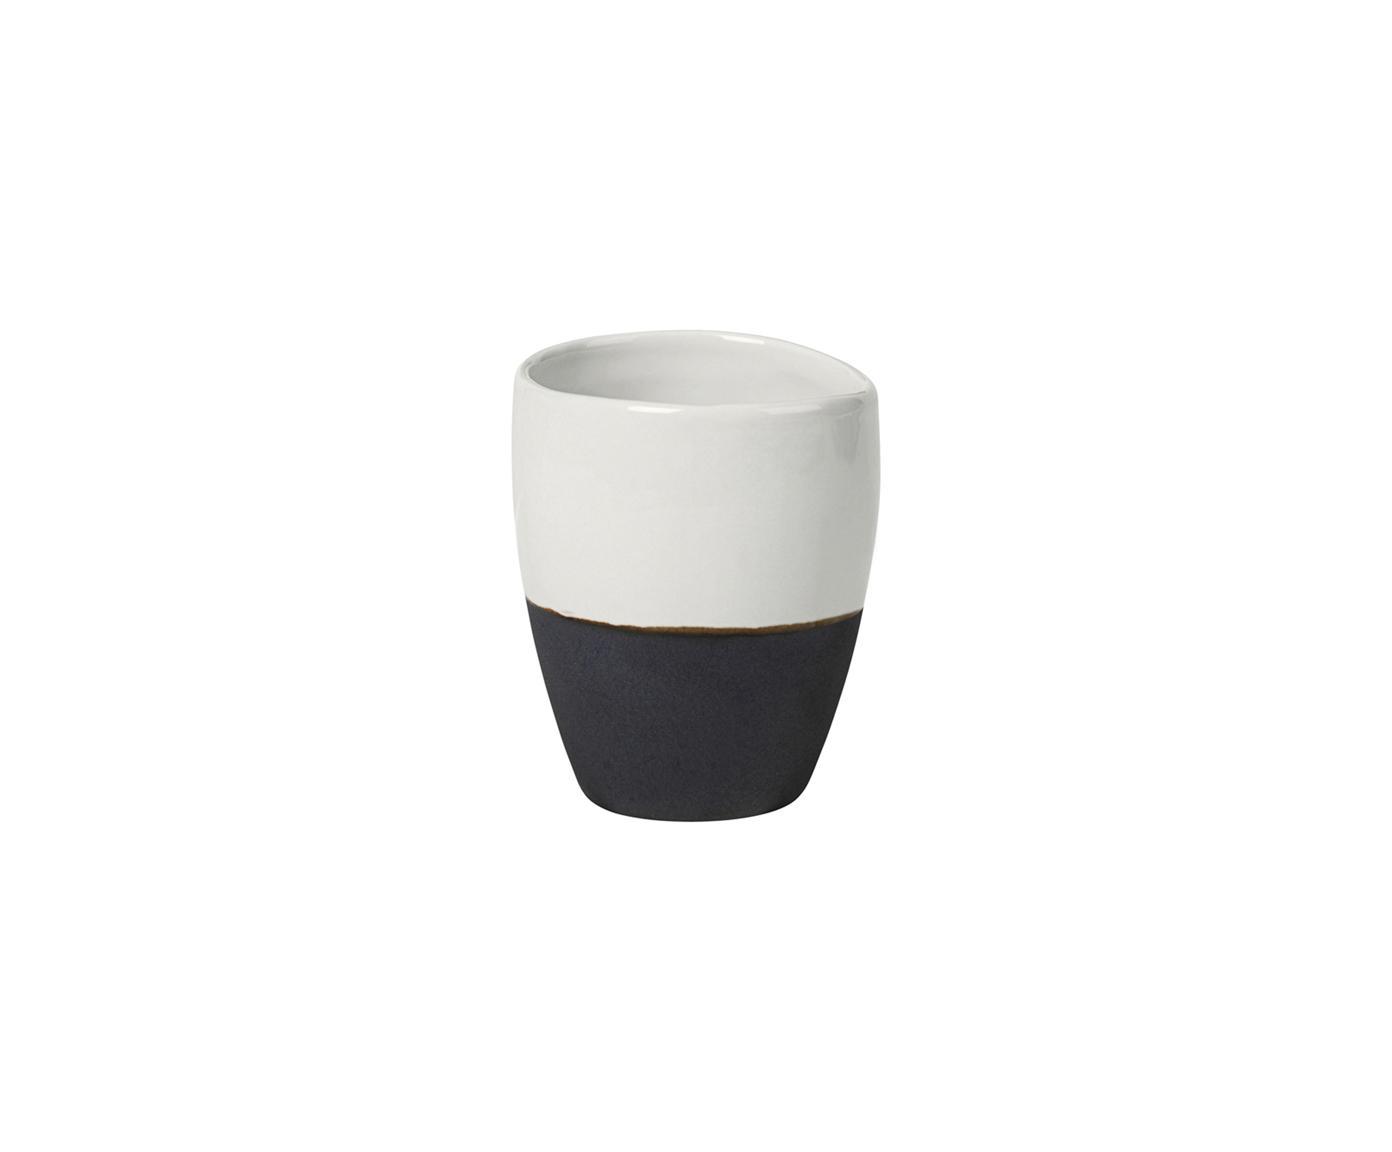 Tazza da caffè fatta a mano Esrum 4 pz, Sotto: terracotta, naturale, Avorio, marrone grigio, 100 ml